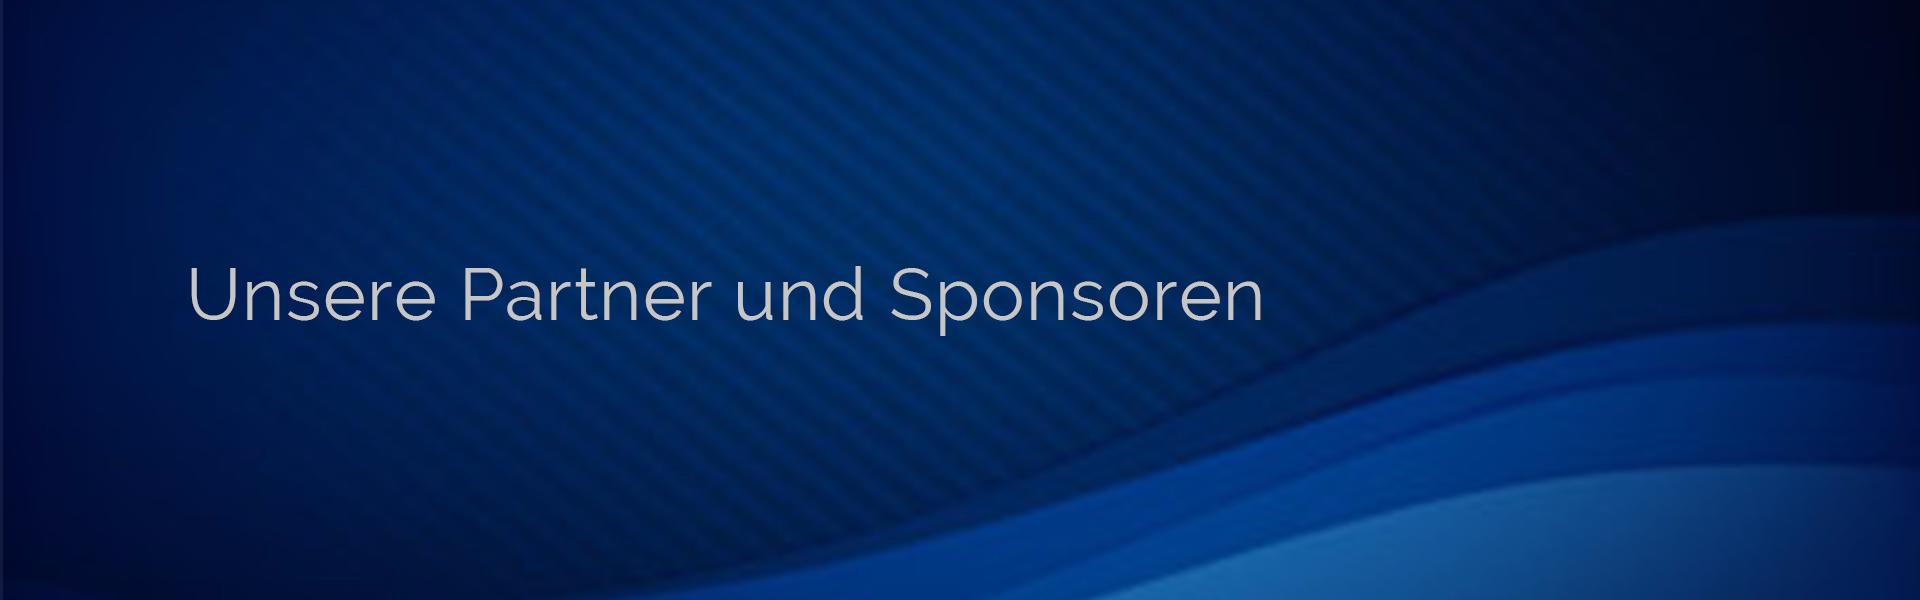 titelbild_partner_und_sponsoren_greensmaragd